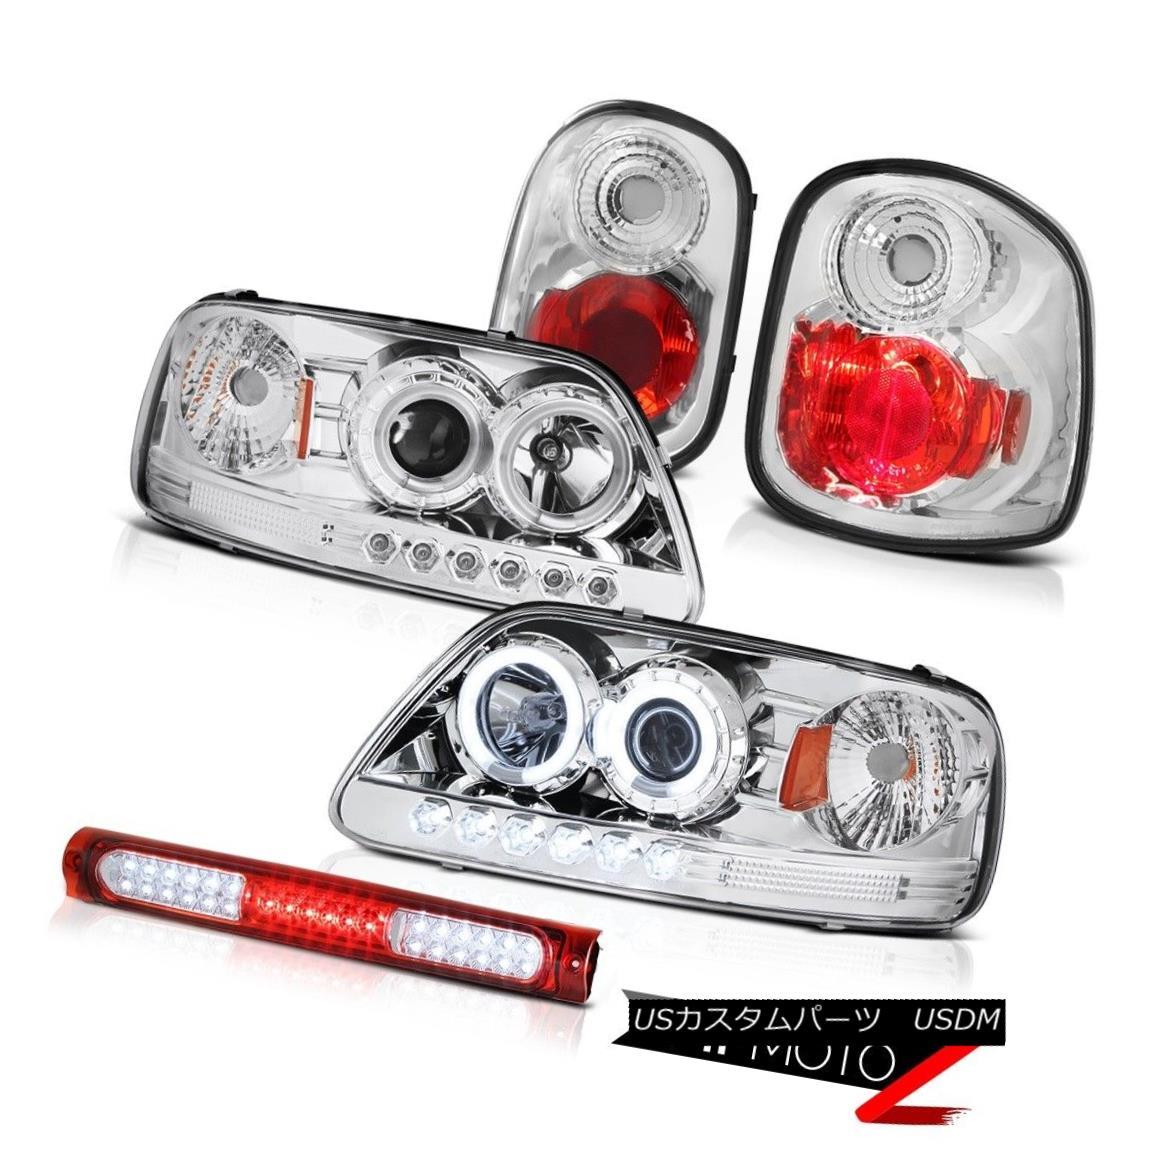 ヘッドライト 1997-2000 F150 Flareside CCFL Halo Headlamps Clear Tail Wine Red 3rd Brake LED 1997-2000 F150 Flareside CCFL Haloヘッドランプクリアテールワインレッド第3ブレーキLED